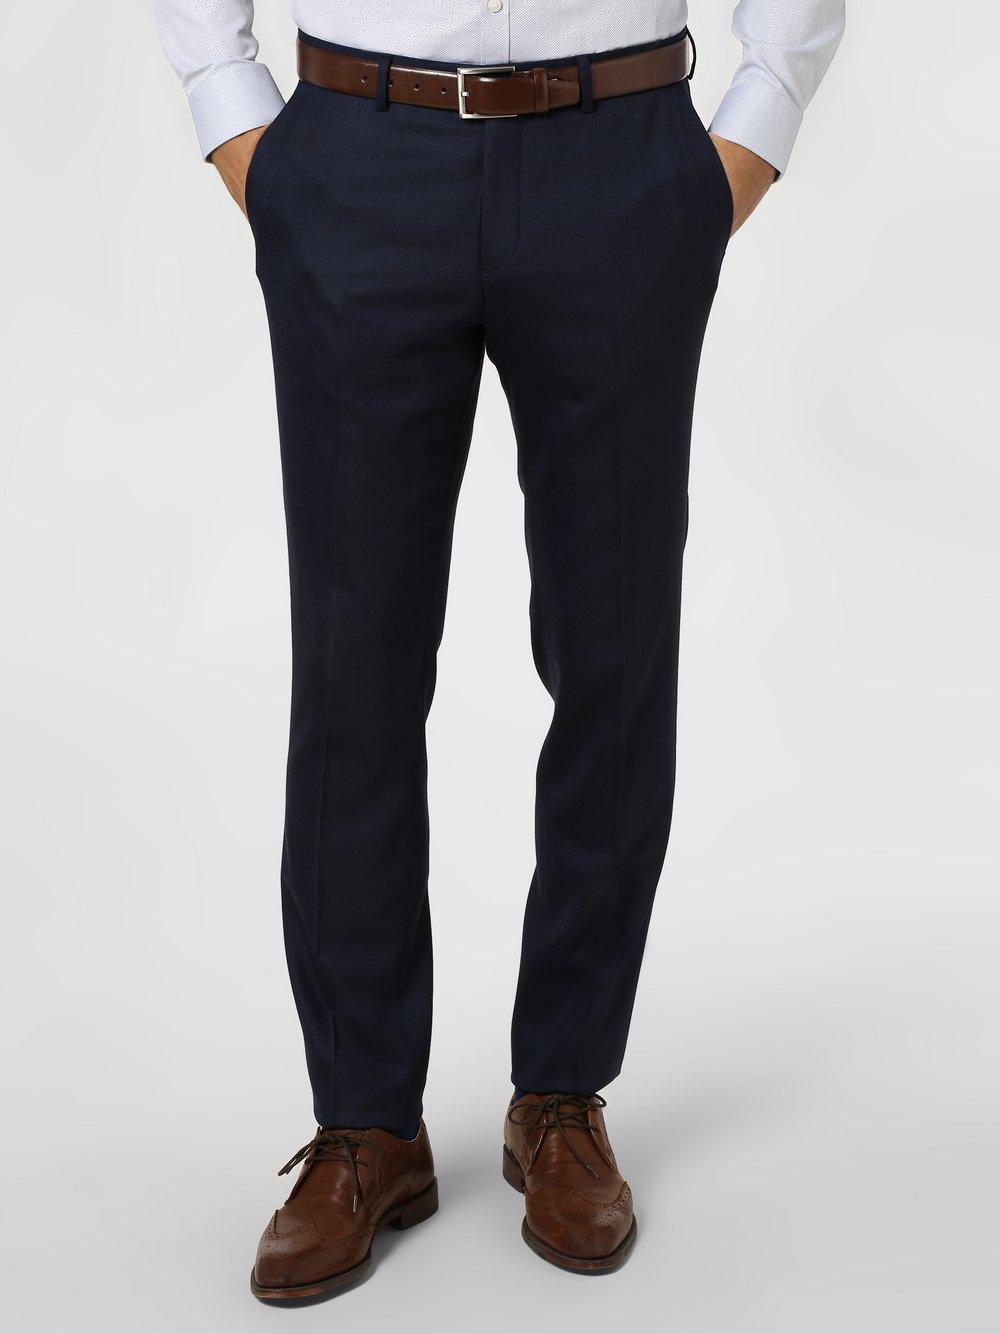 Tiger of Sweden – Męskie spodnie od garnituru modułowego – Gordon, niebieski Van Graaf 396801-0001